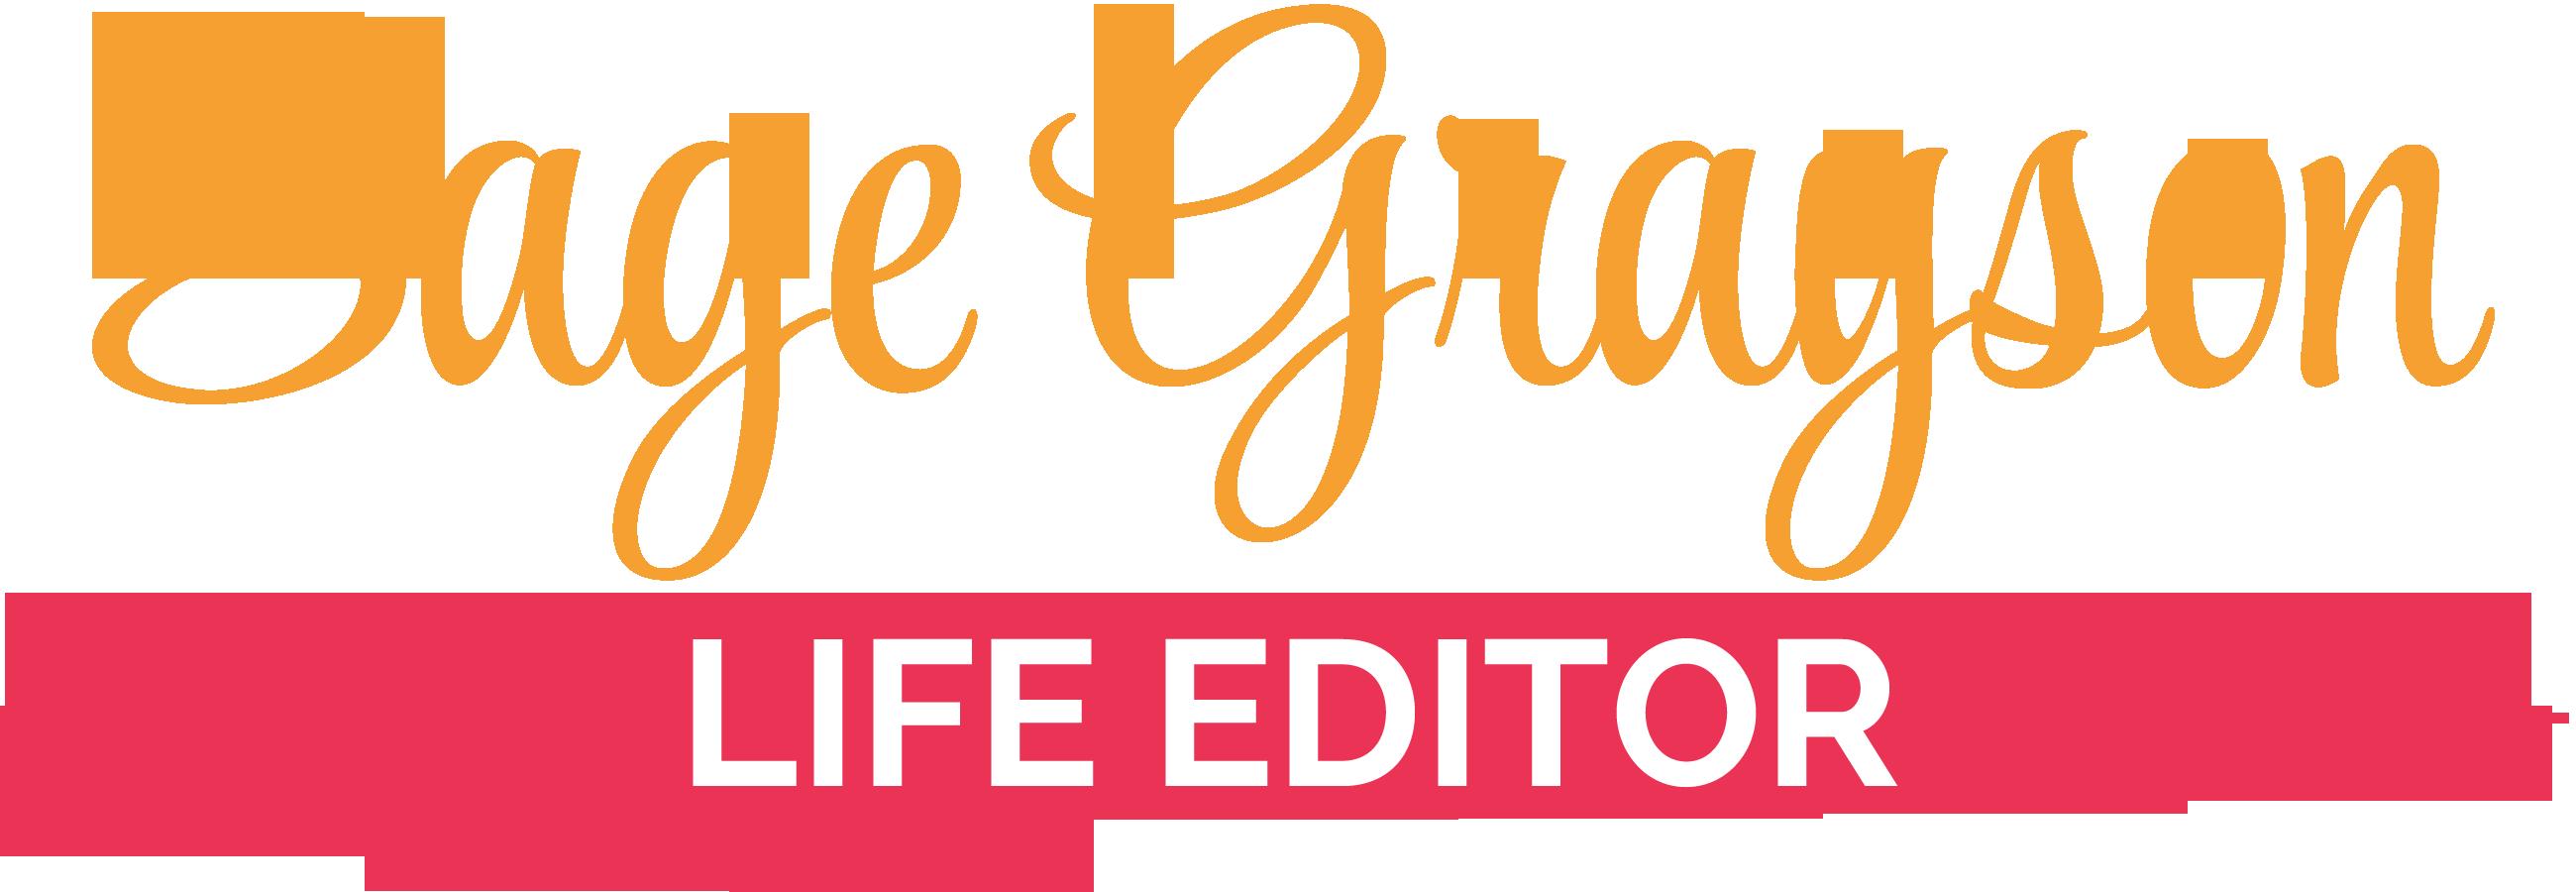 Sage Grayson Life Editor